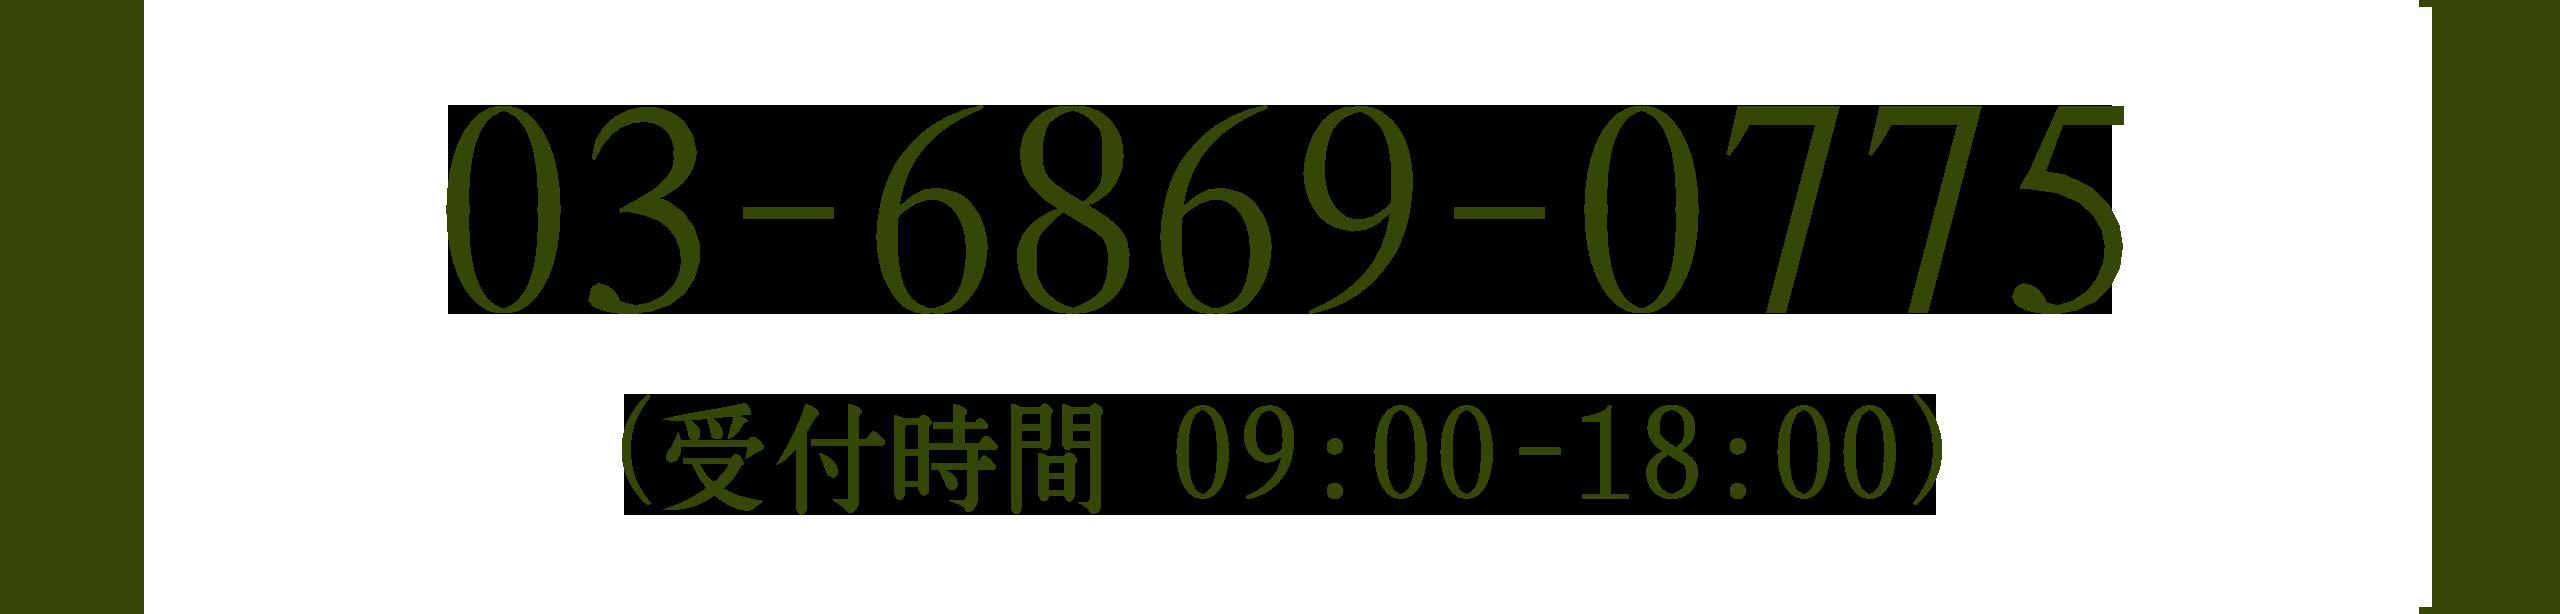 03-6869-0775(受付時間 09:00-18:00)